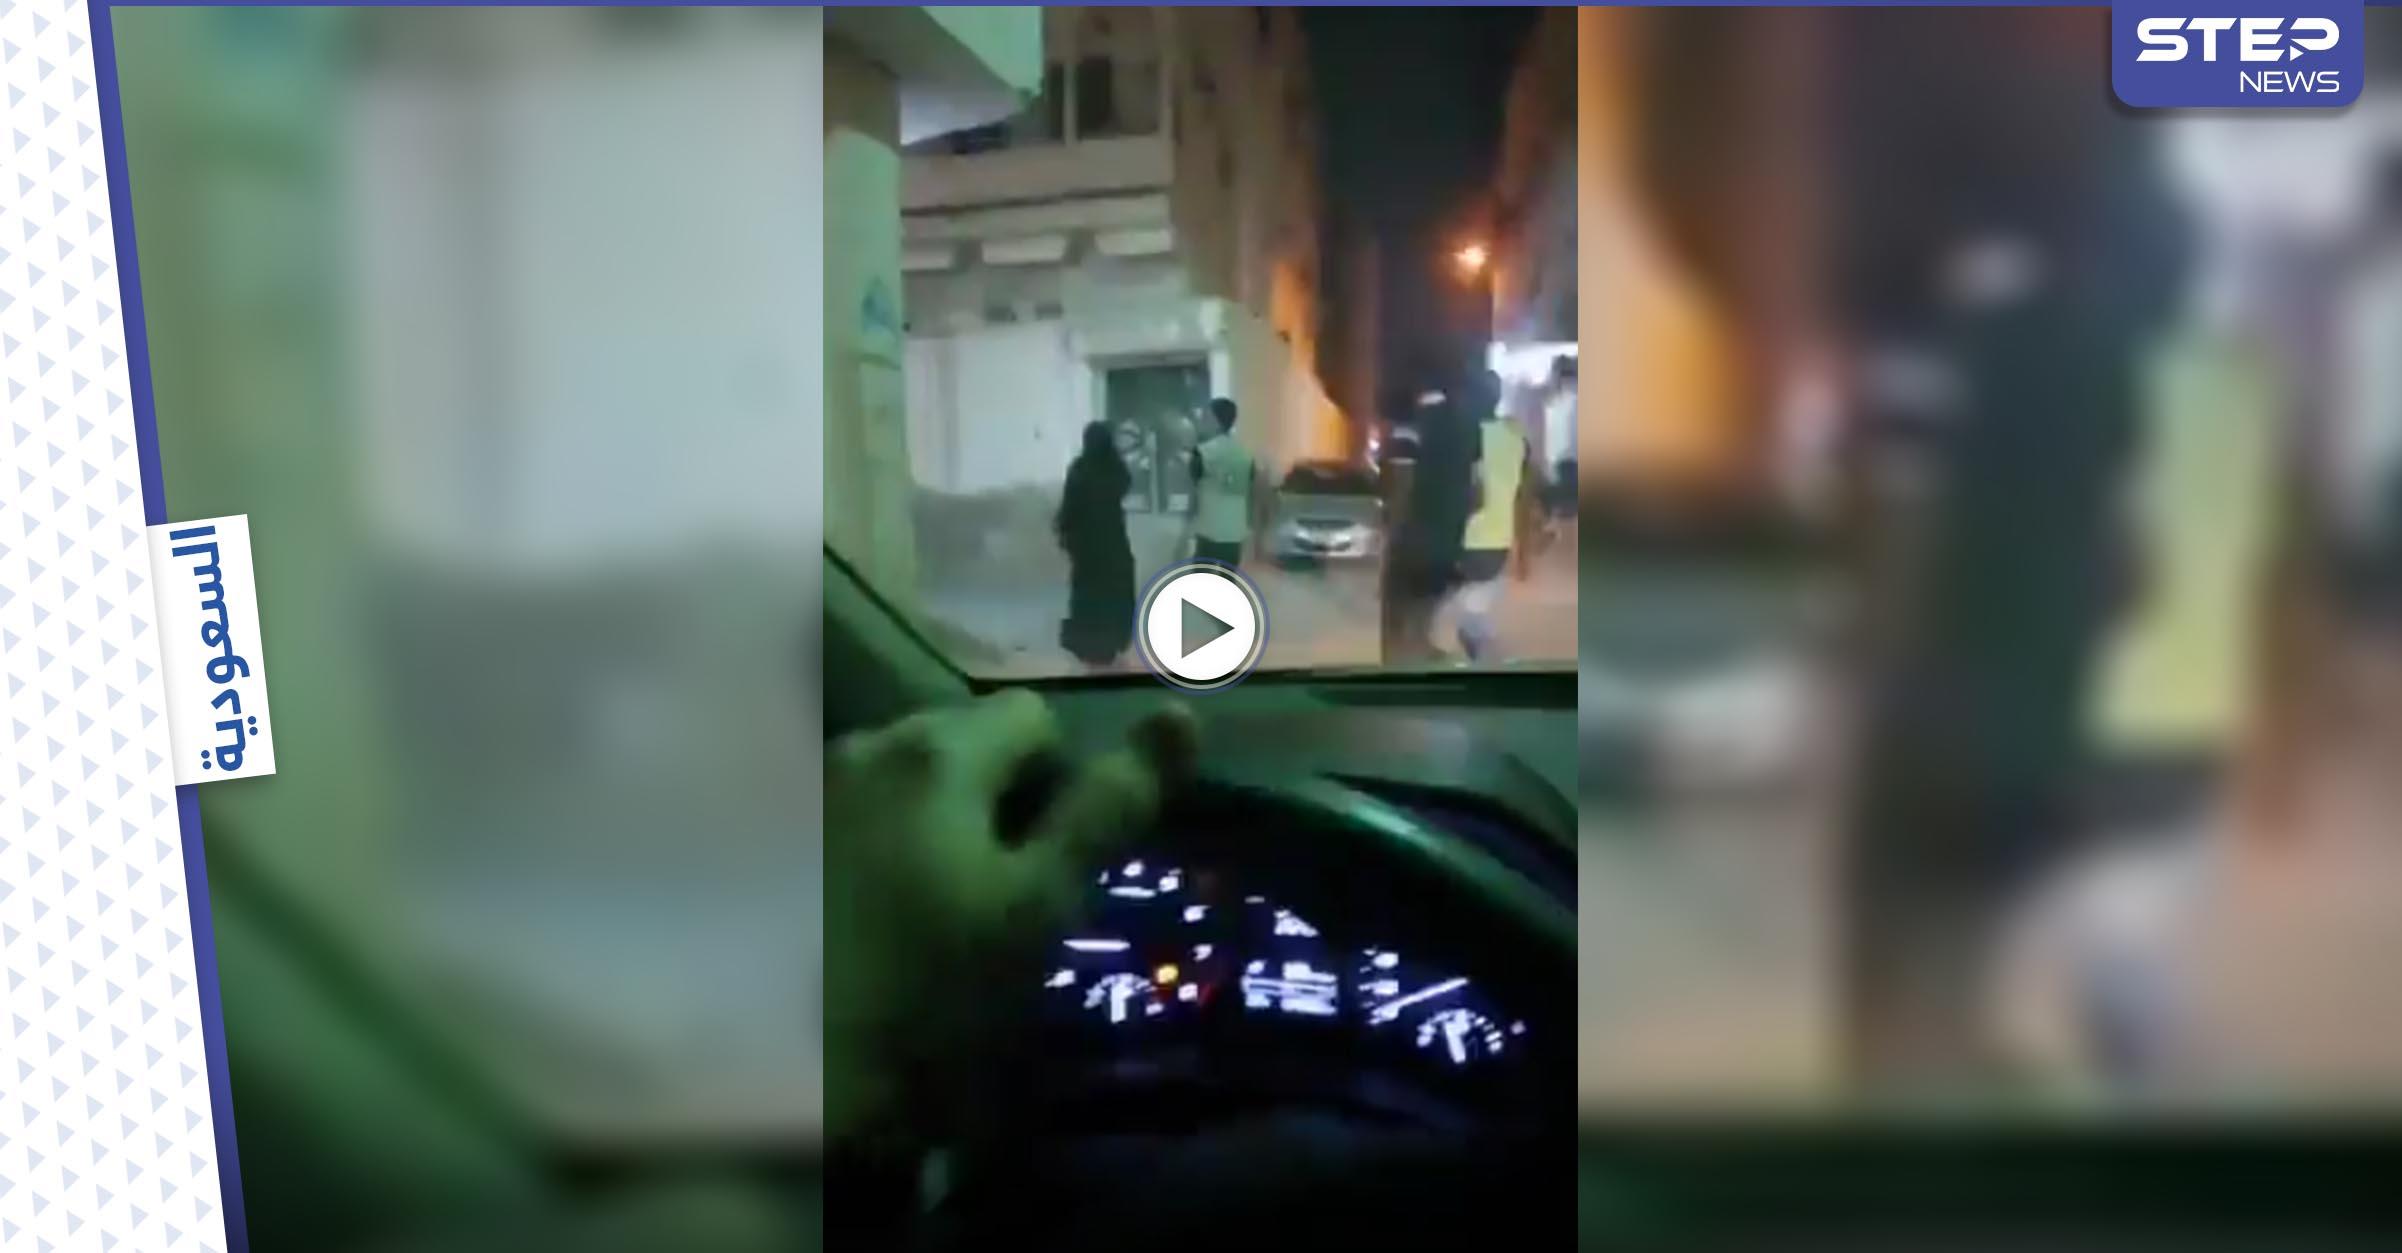 بالفيديو|| سعودي يوثق انتشار الأفعال المنافية للآداب بشكل علني بأحد شوارع جدة ويثير الغضب